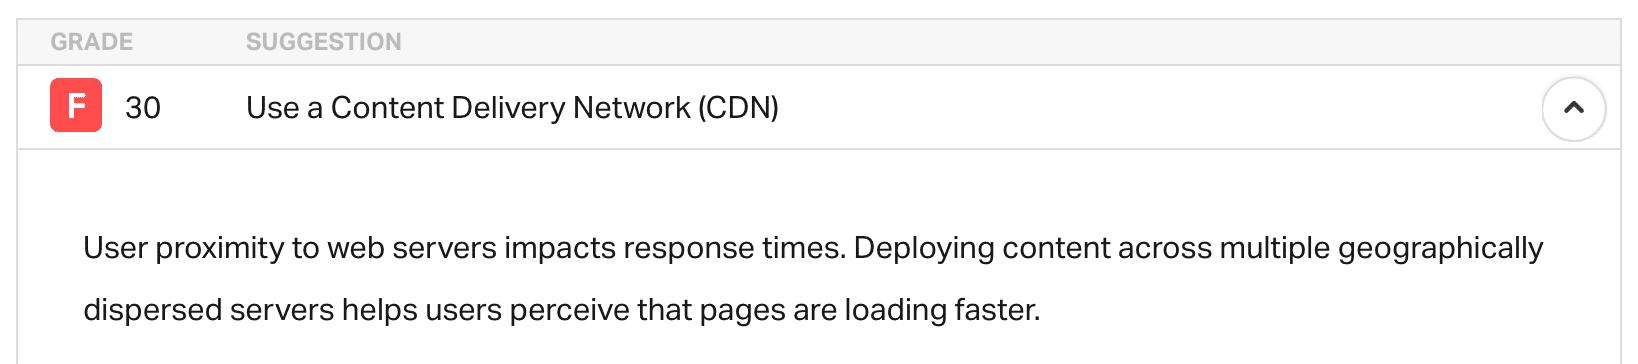 コンテンツ配信ネットワーク(CDN)を使用する